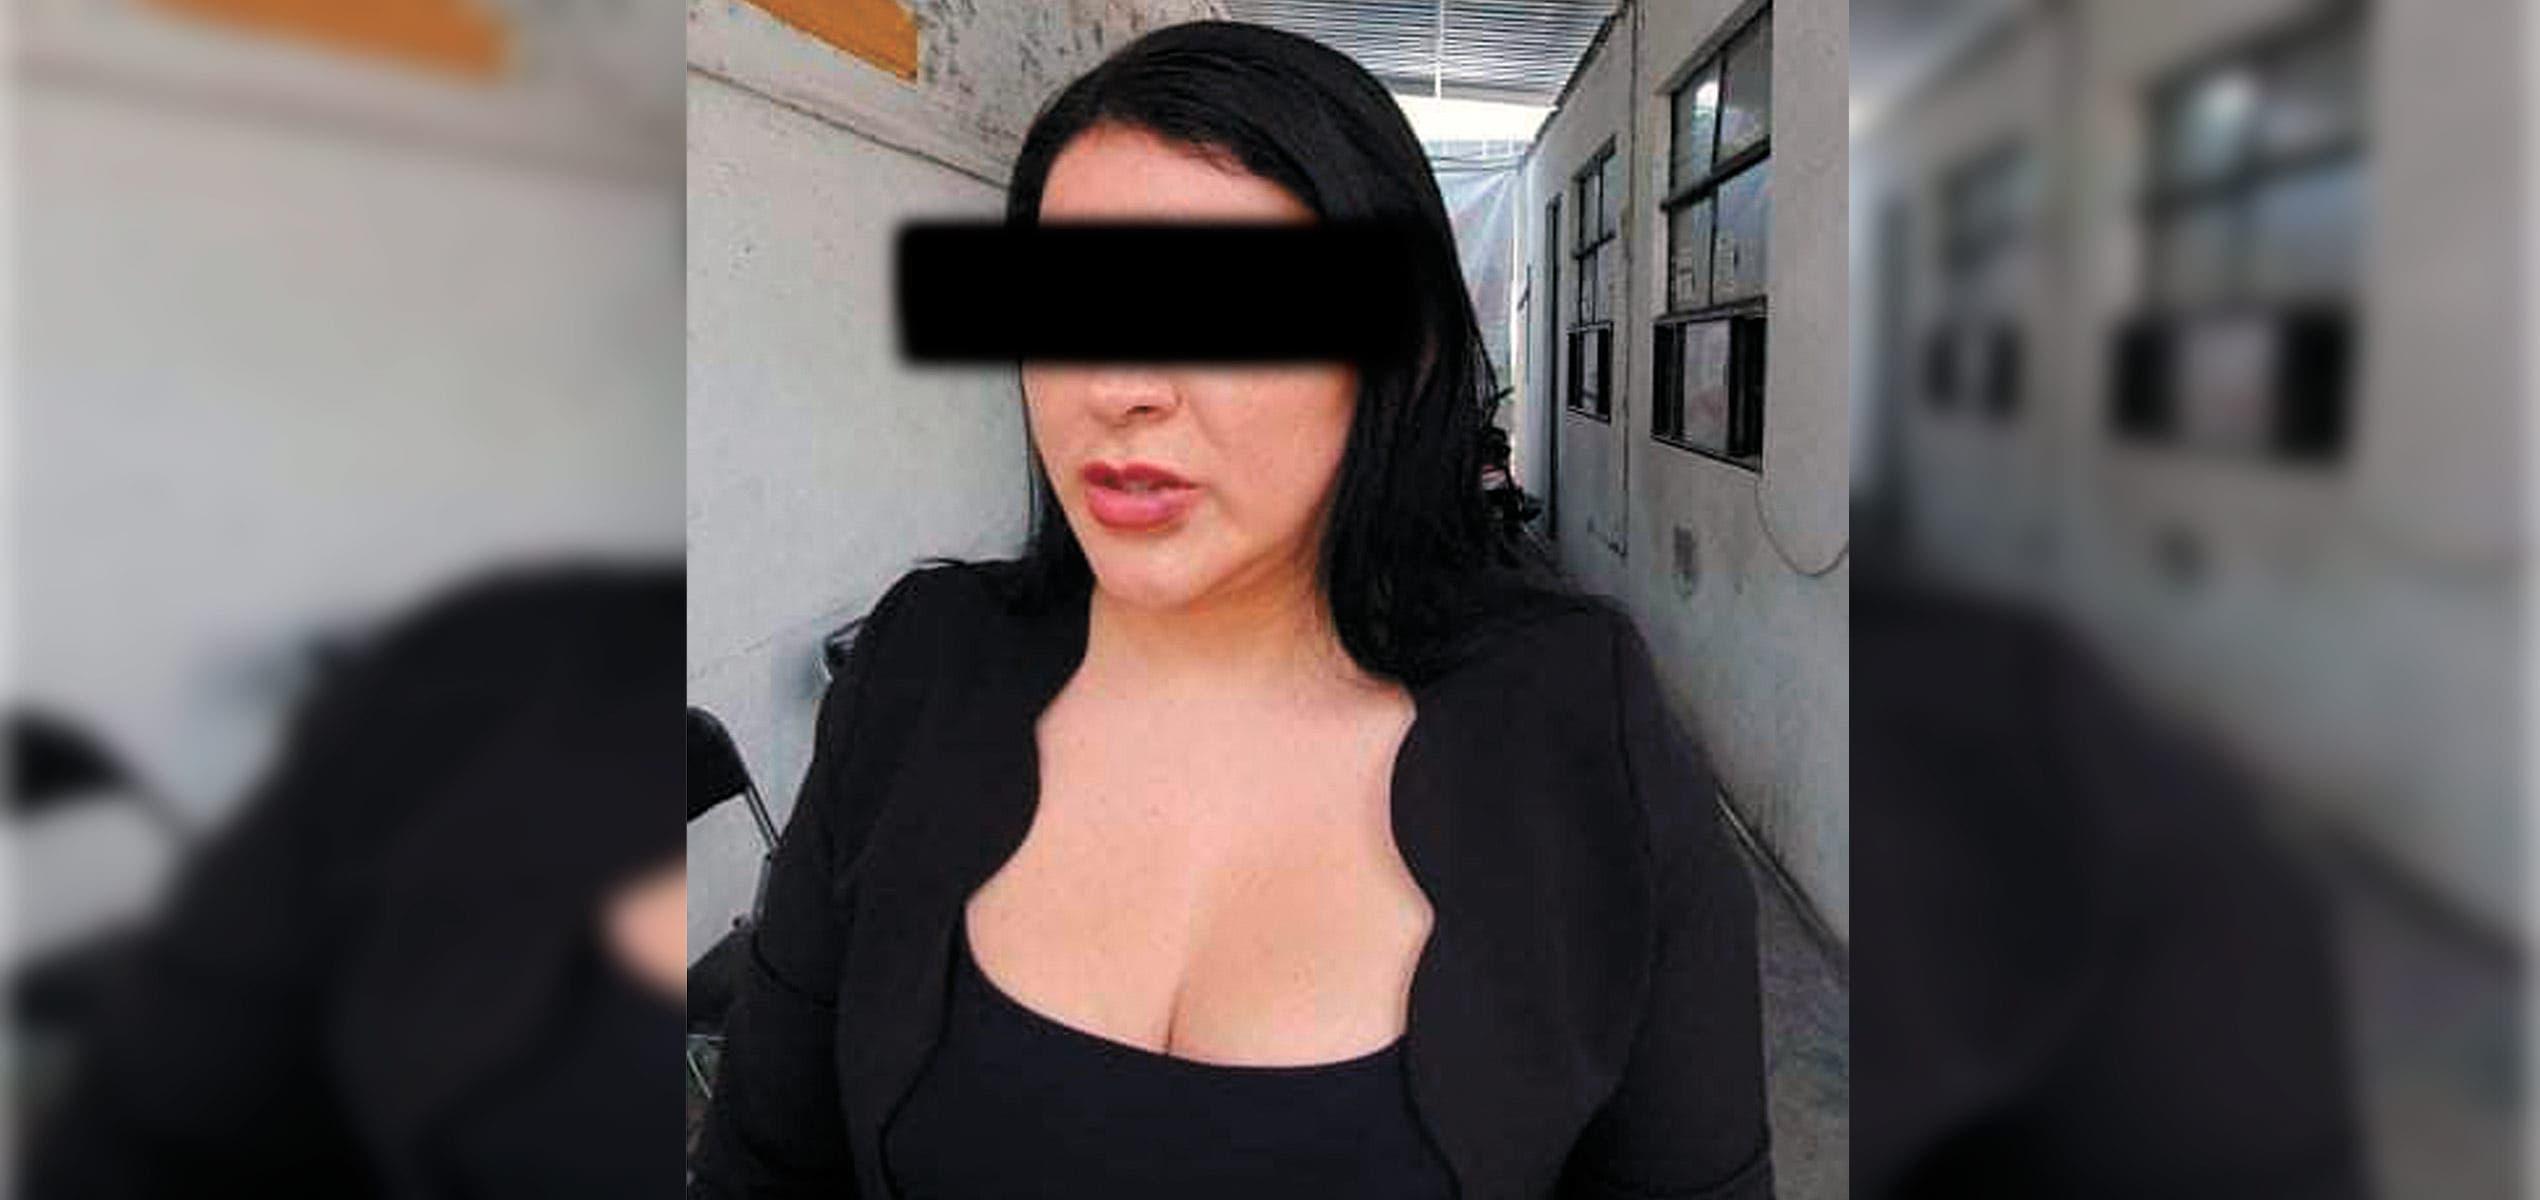 Trasciende captura de ex funcionaria en Cuautla